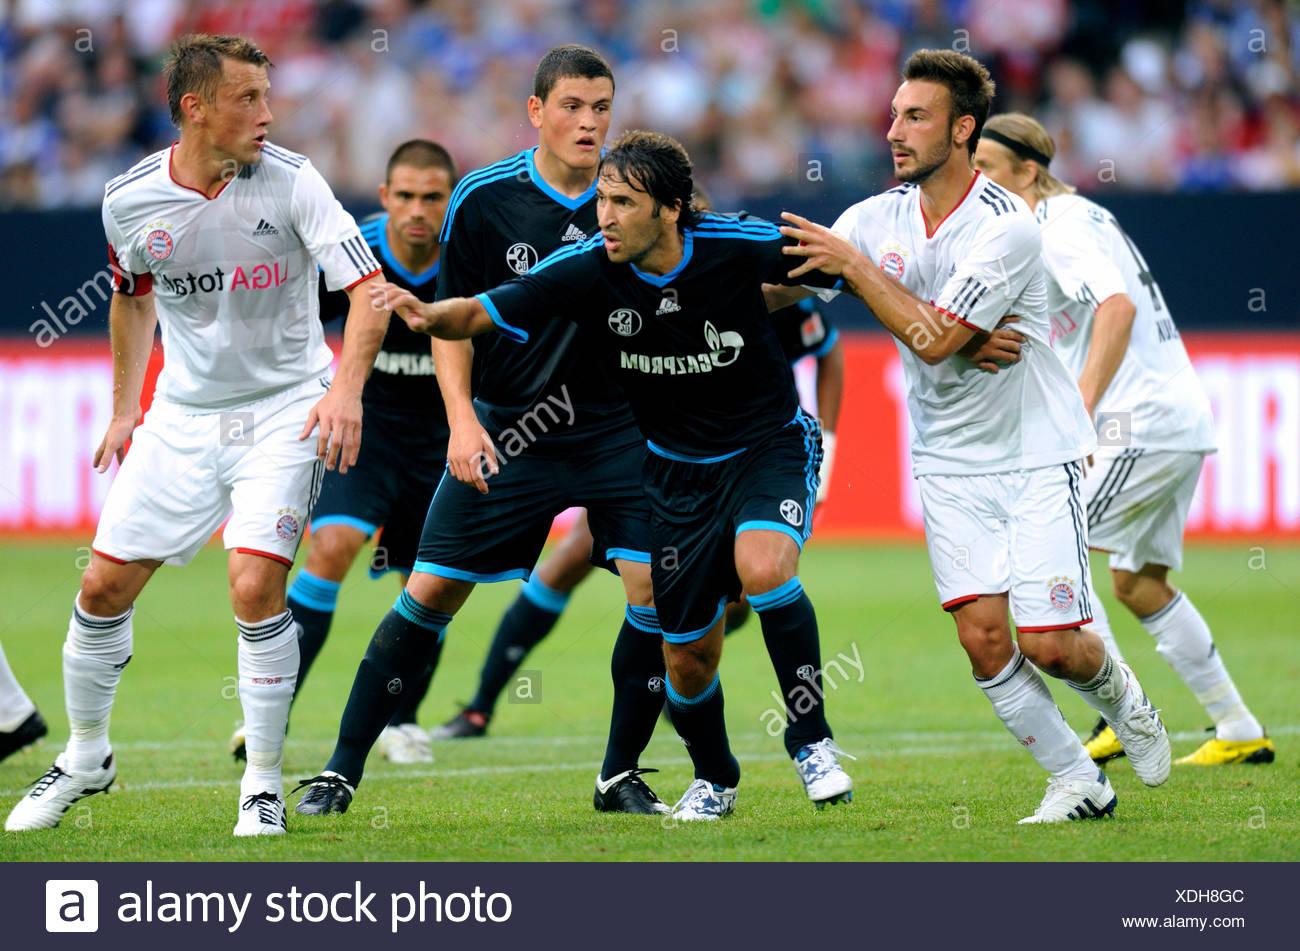 I giocatori di calcio Diego Contento, Raul, Kyriakos Papadopoulos e Ivica OLIC, a sinistra e a destra, Liga totale Cup 2010, Campionato totale Immagini Stock